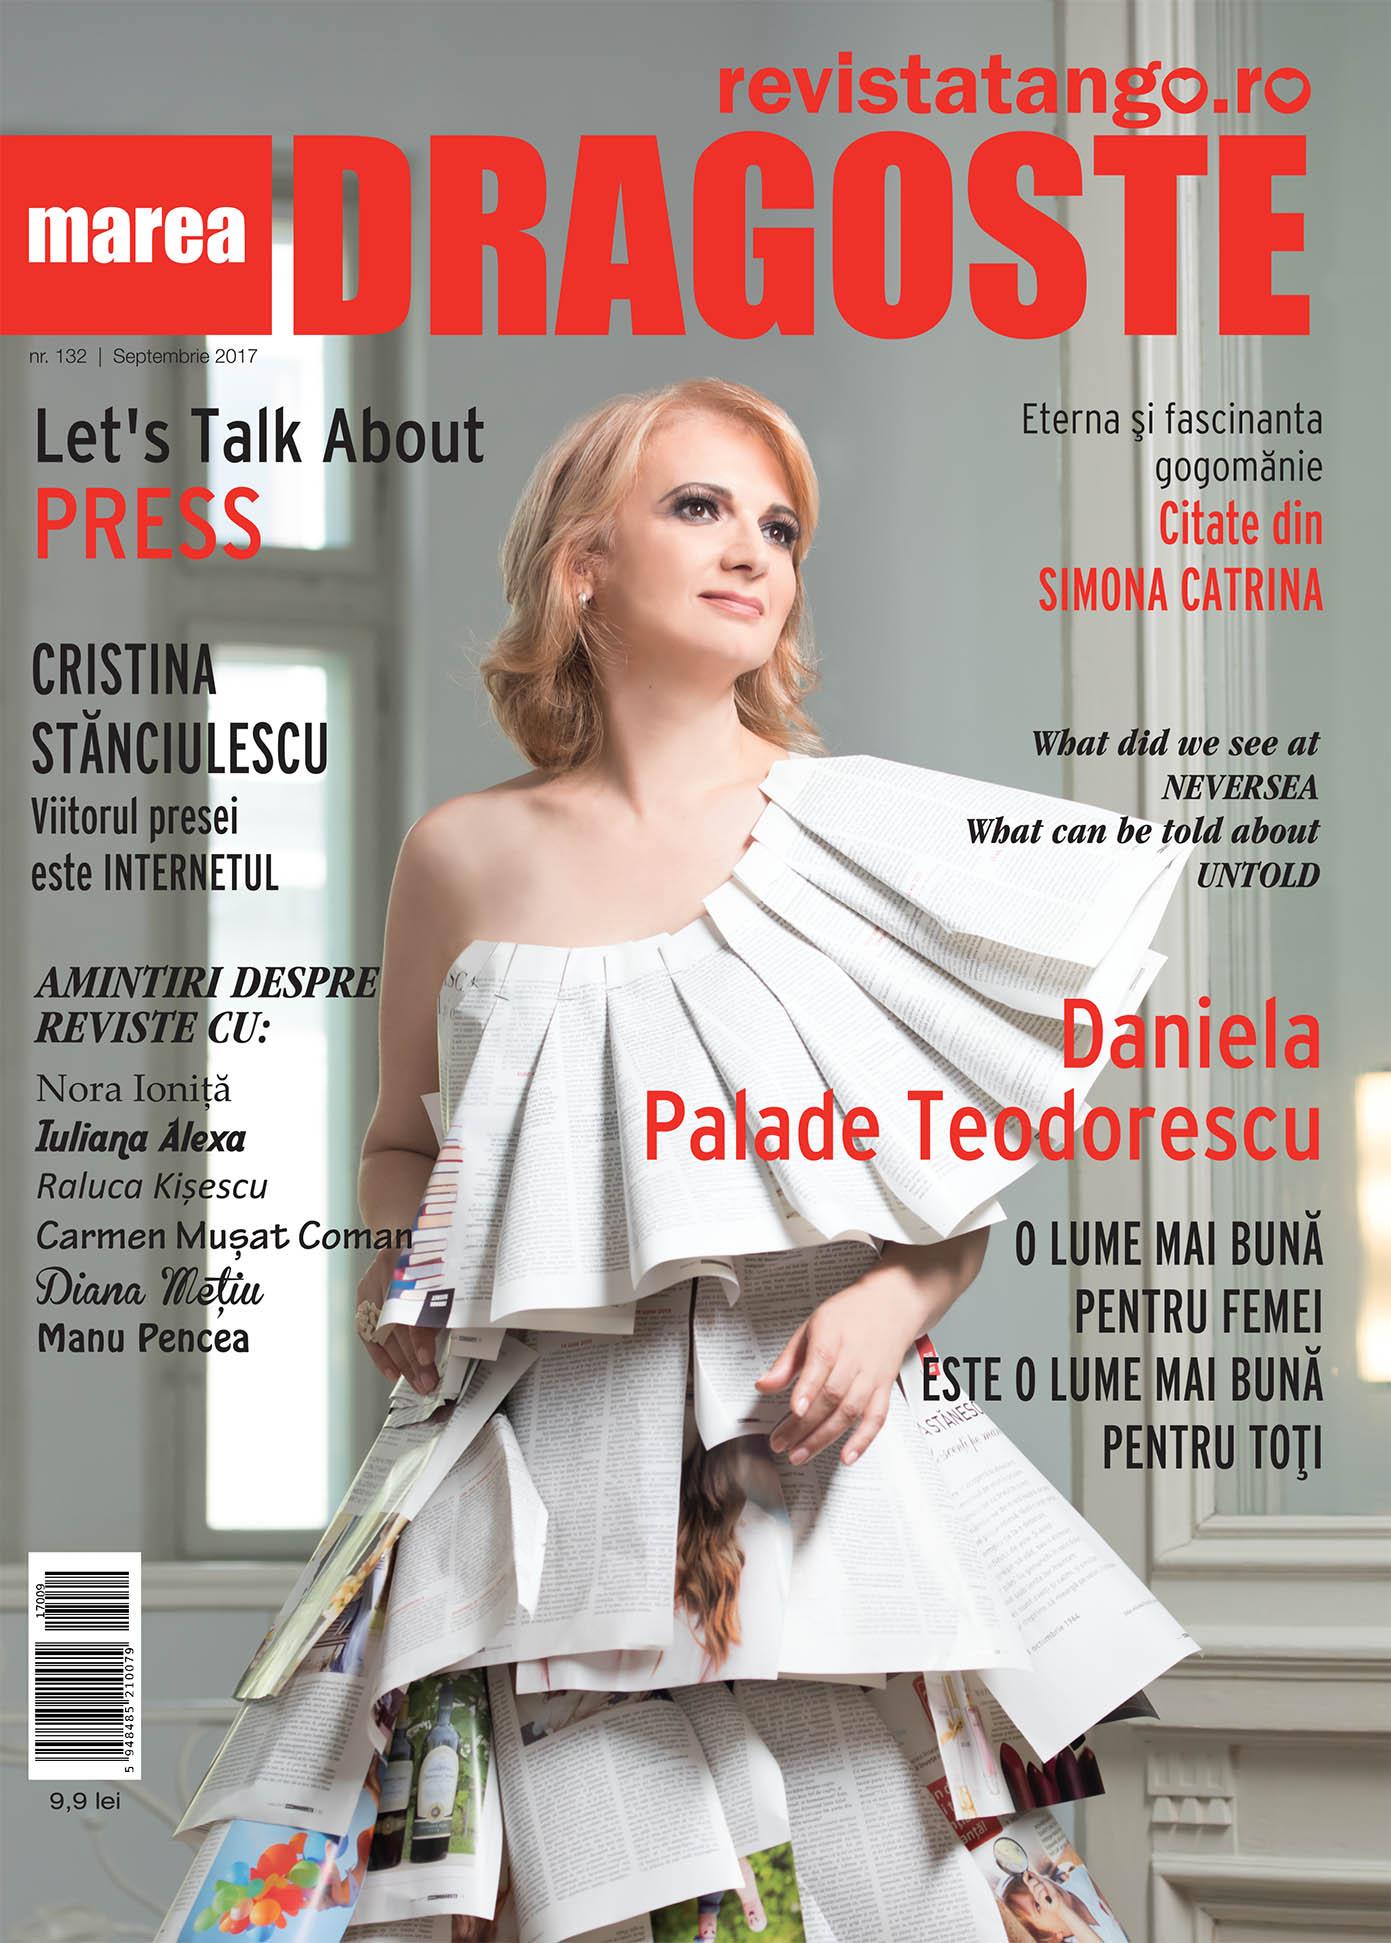 Daniela Palade Teodorescu pe coperta Marea Dragoste-revistatango.ro, nr. 132, septembrie 2017